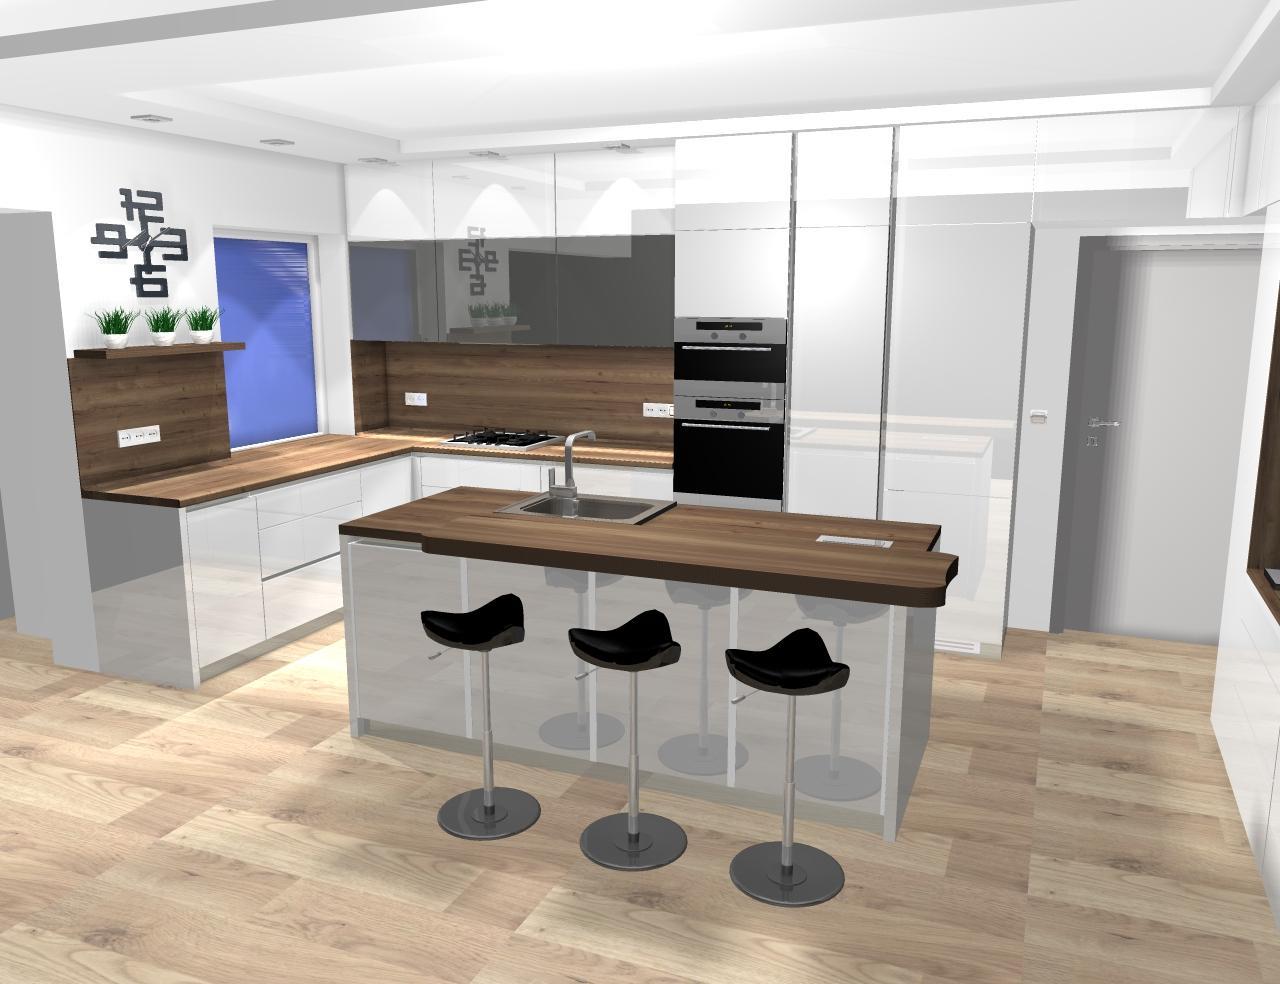 Grafické návrhy kuchynských liniek 2020 - návrh kuchynskej linky do rodinného domu -verzia 1 - obr.2